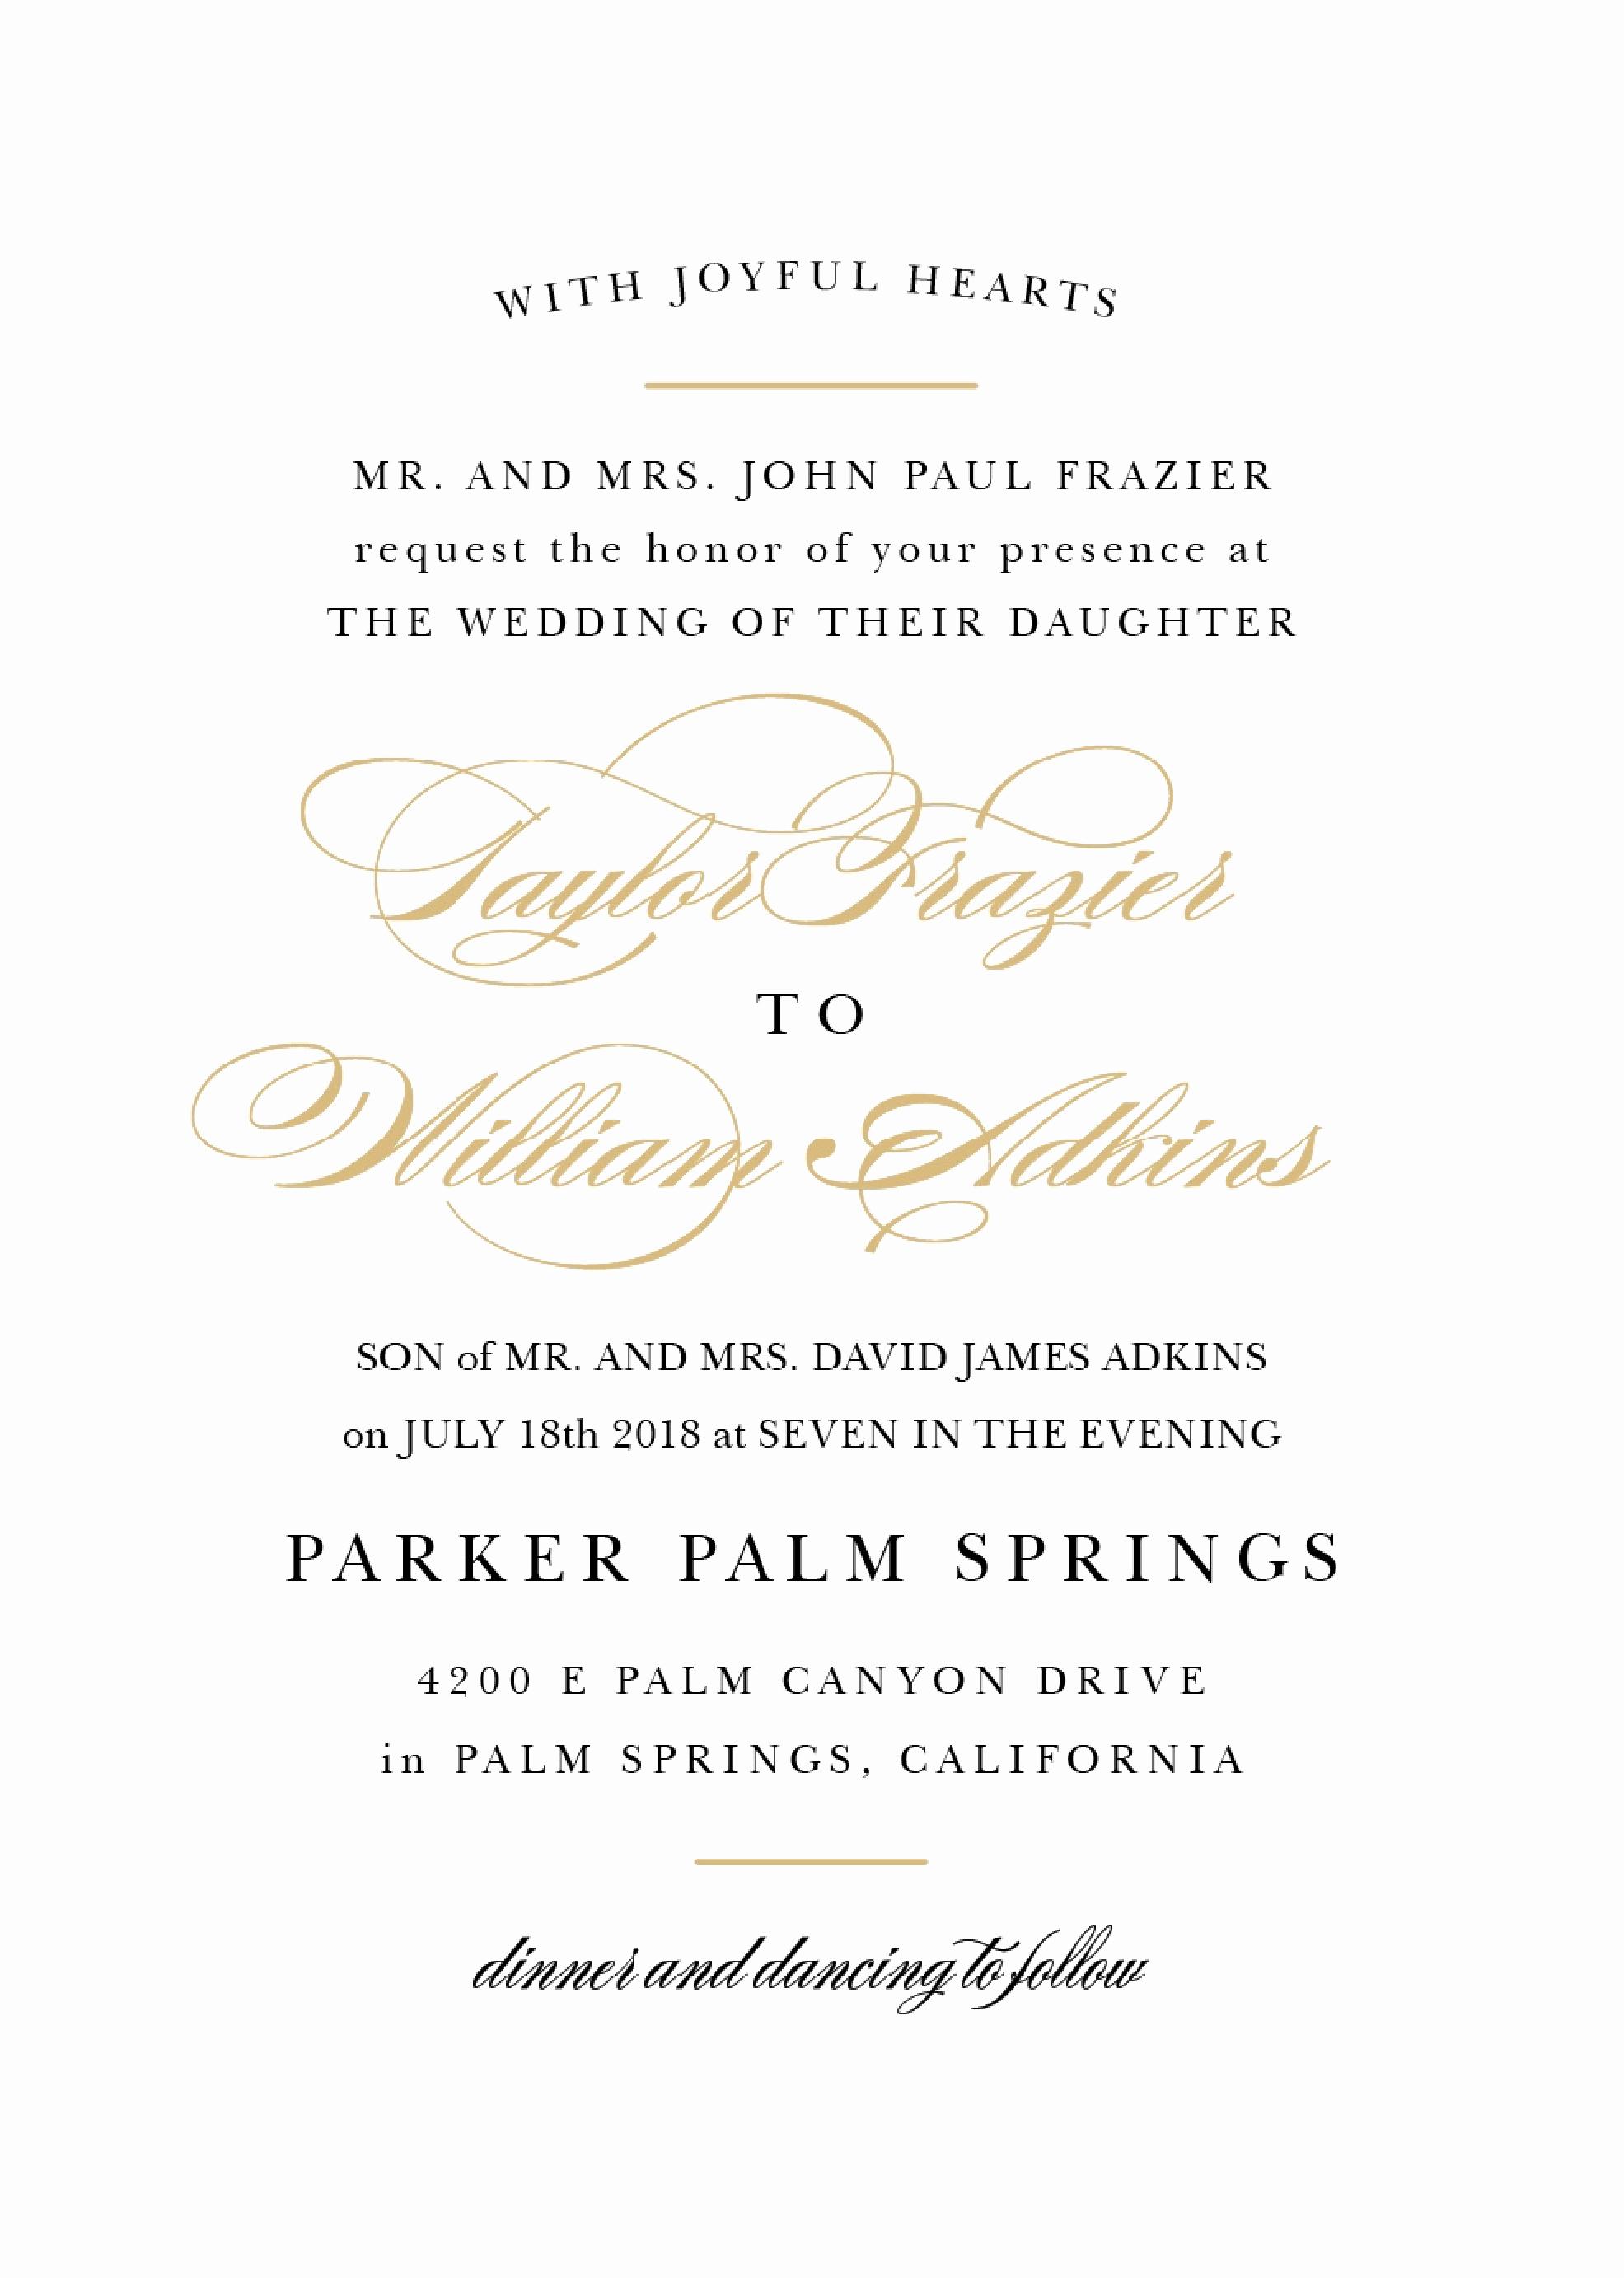 Get together Invitation Wording Samples Fresh Wedding Invitation Wording Samples